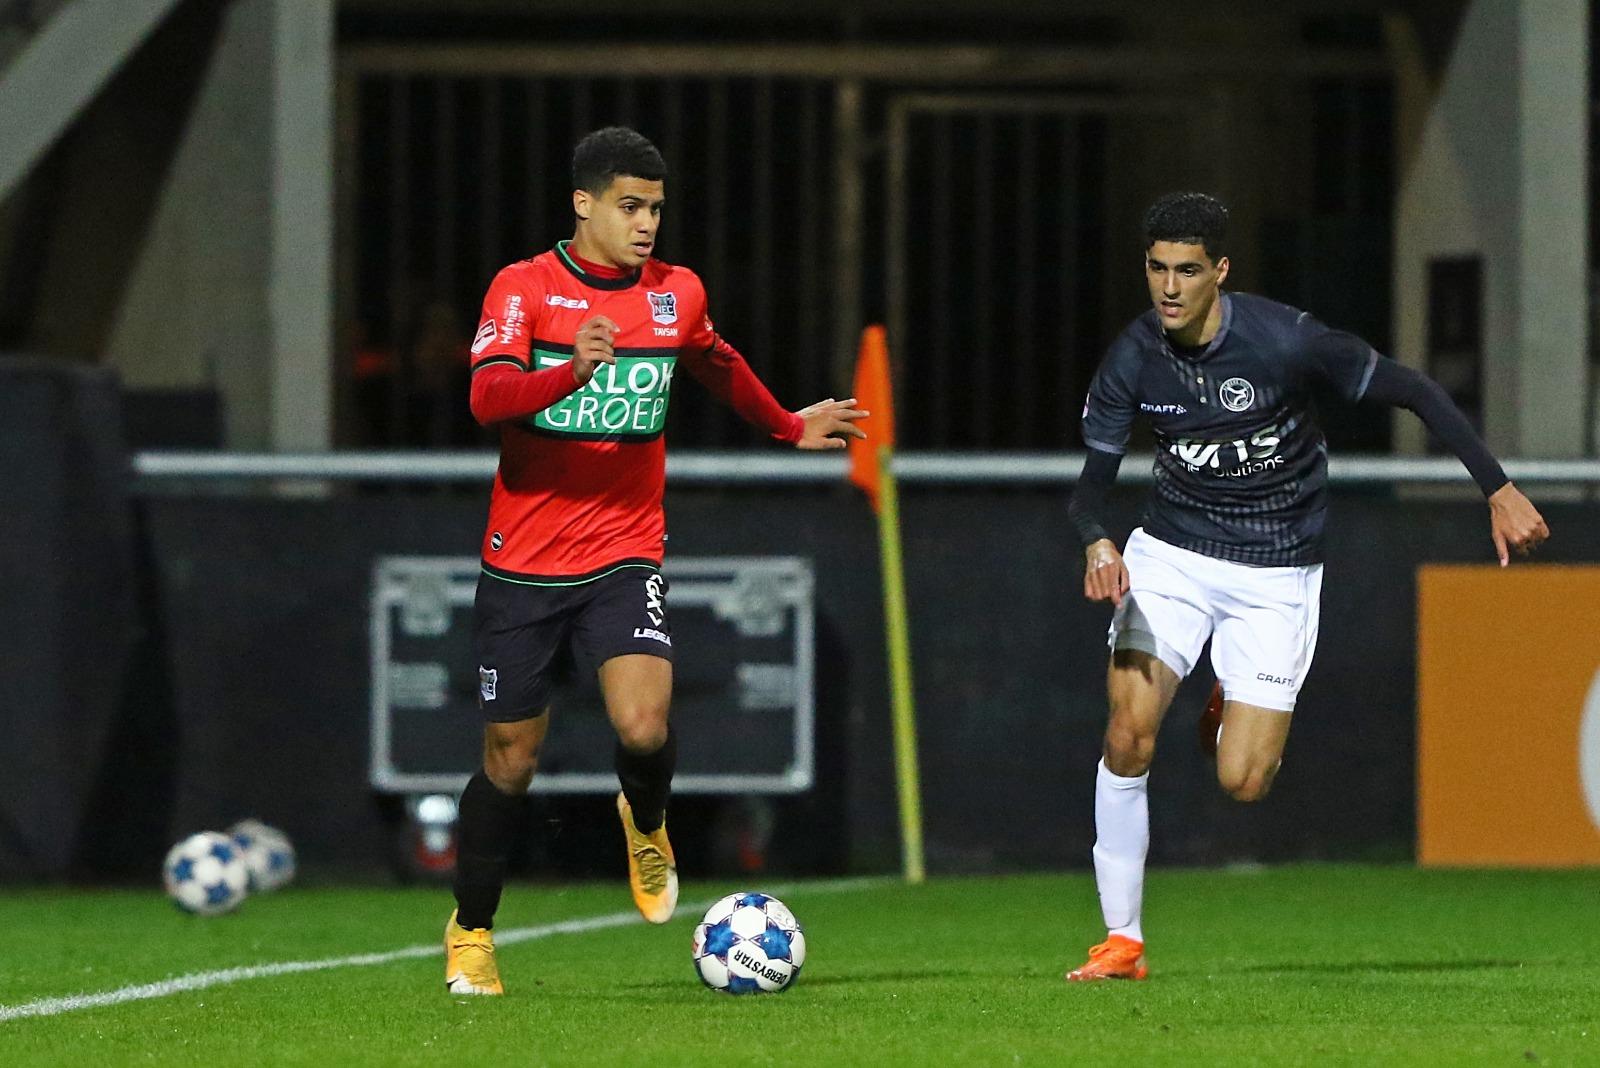 Voorbeschouwing: NEC wacht eerste play-offhorde tegen Almere City